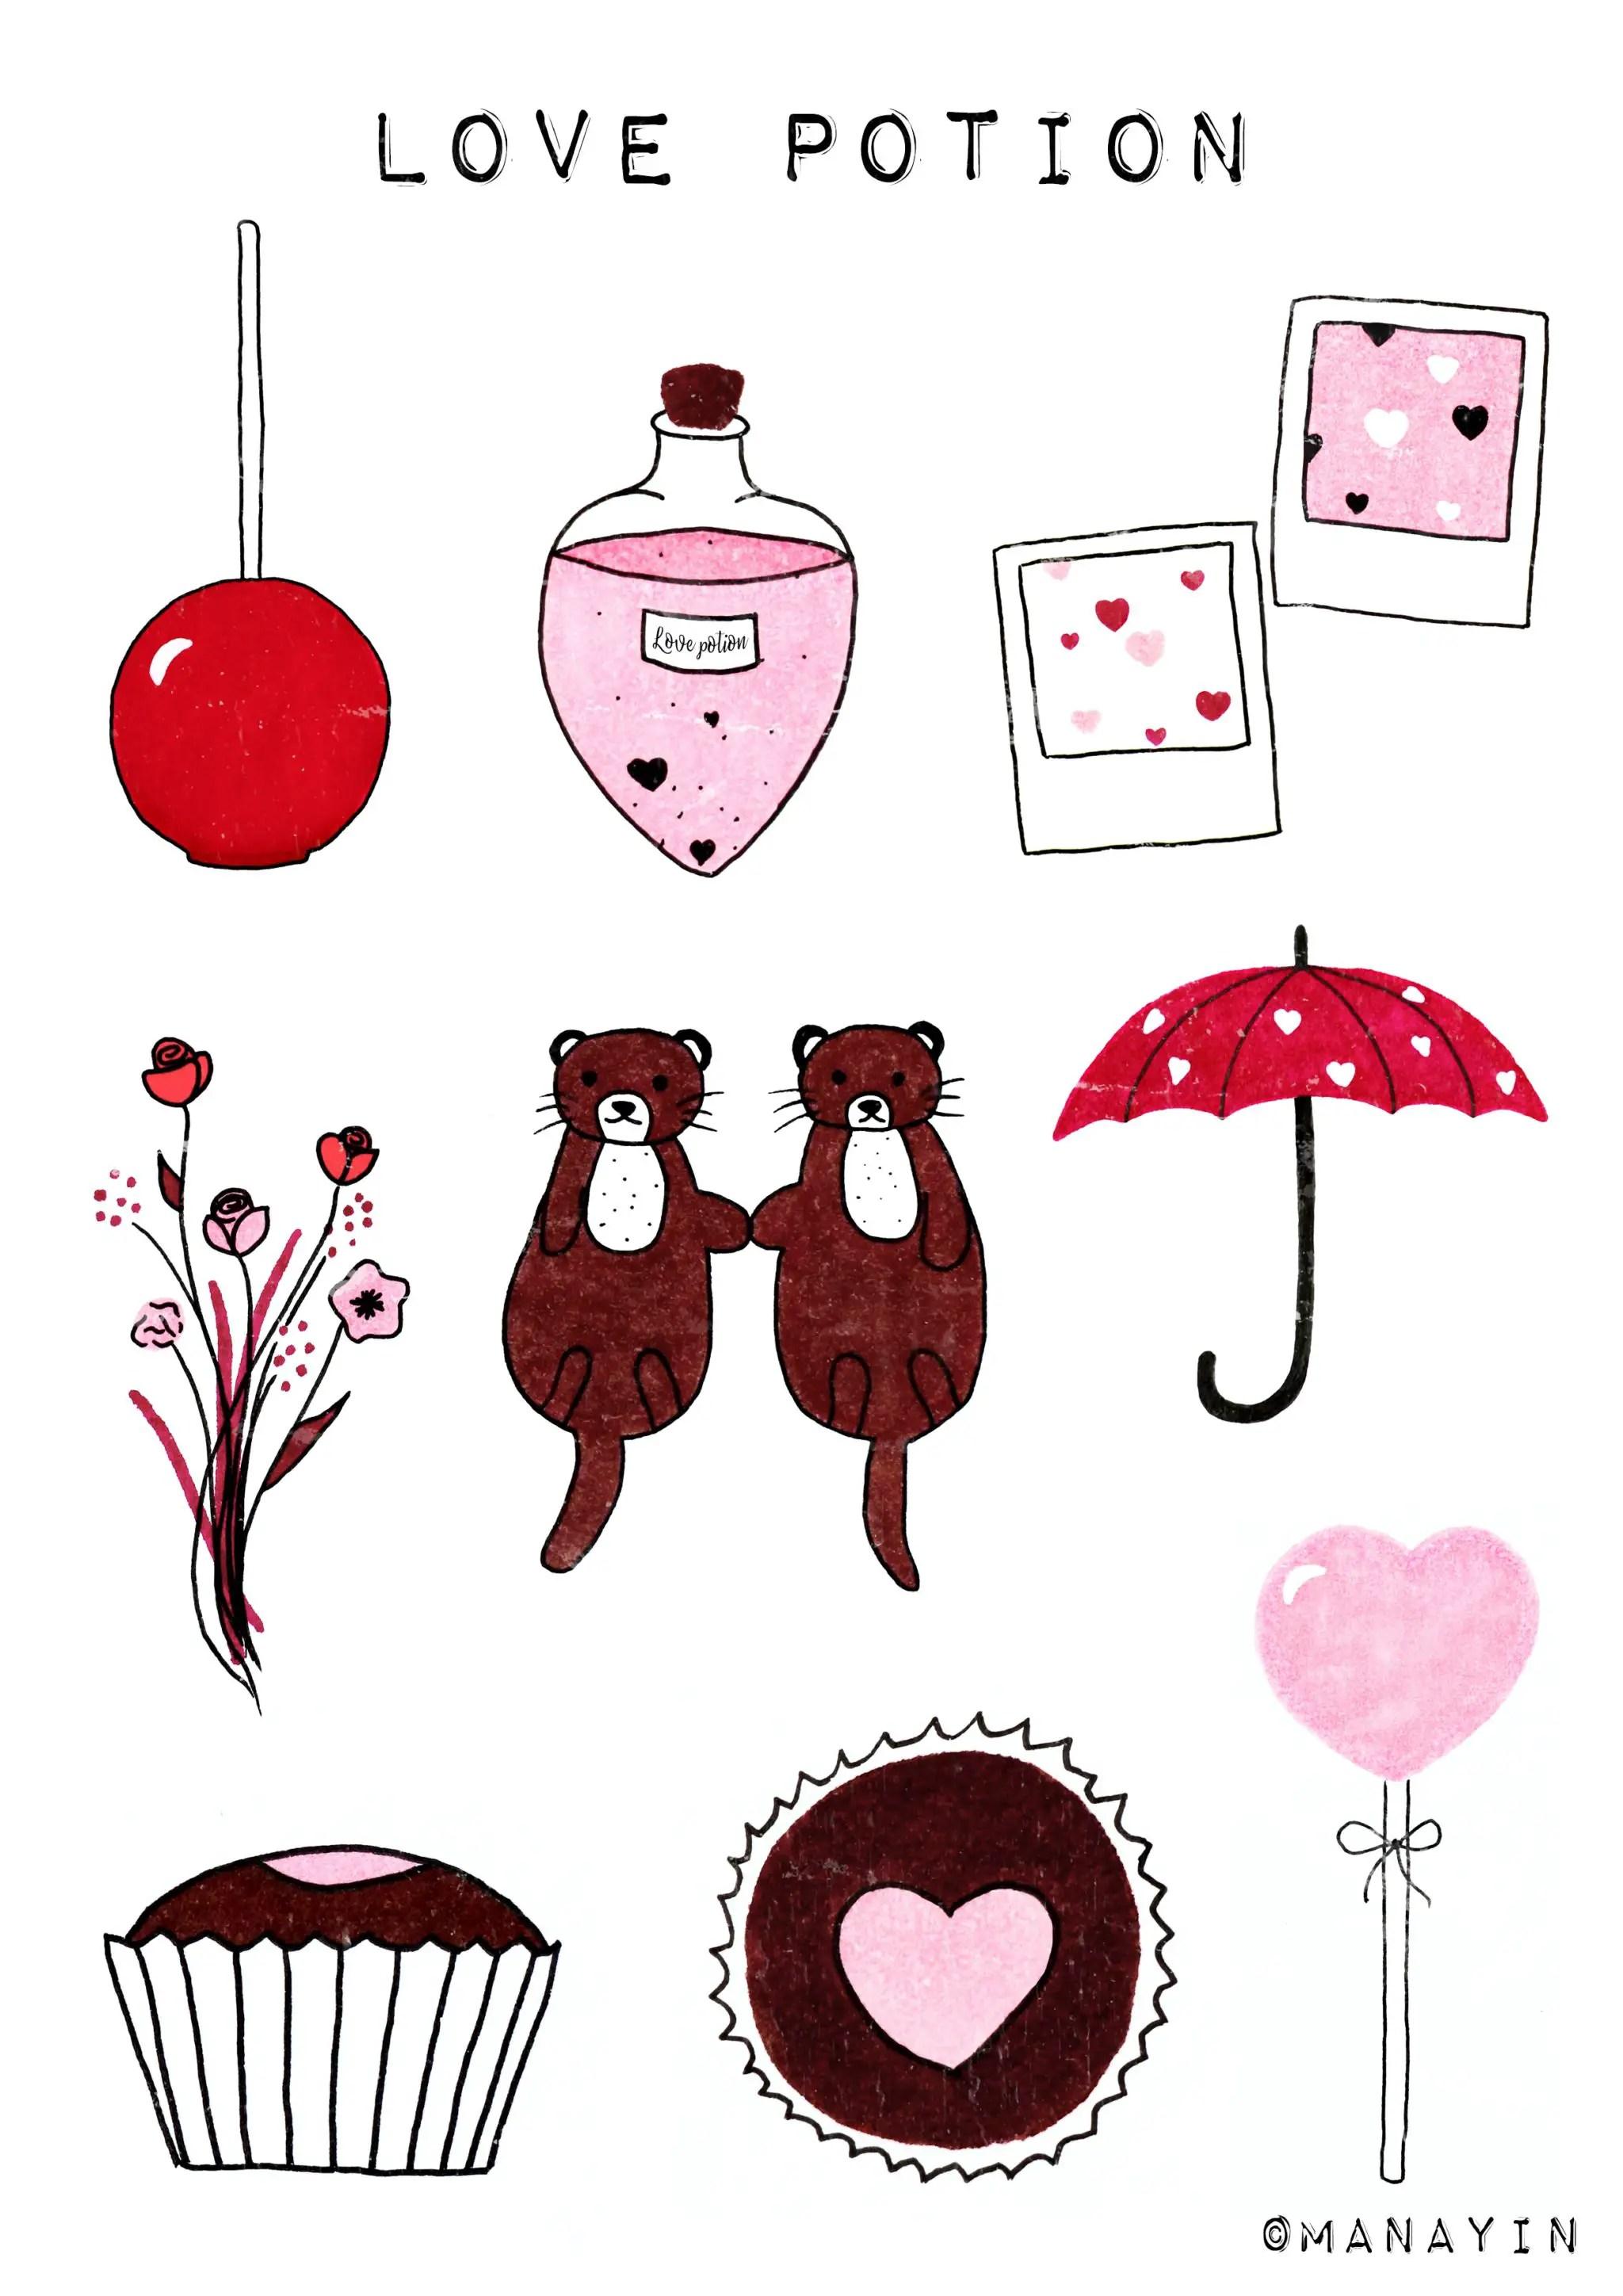 Des Stickers Pour La Saint Valentin A Imprimer Gratuitement Manayin